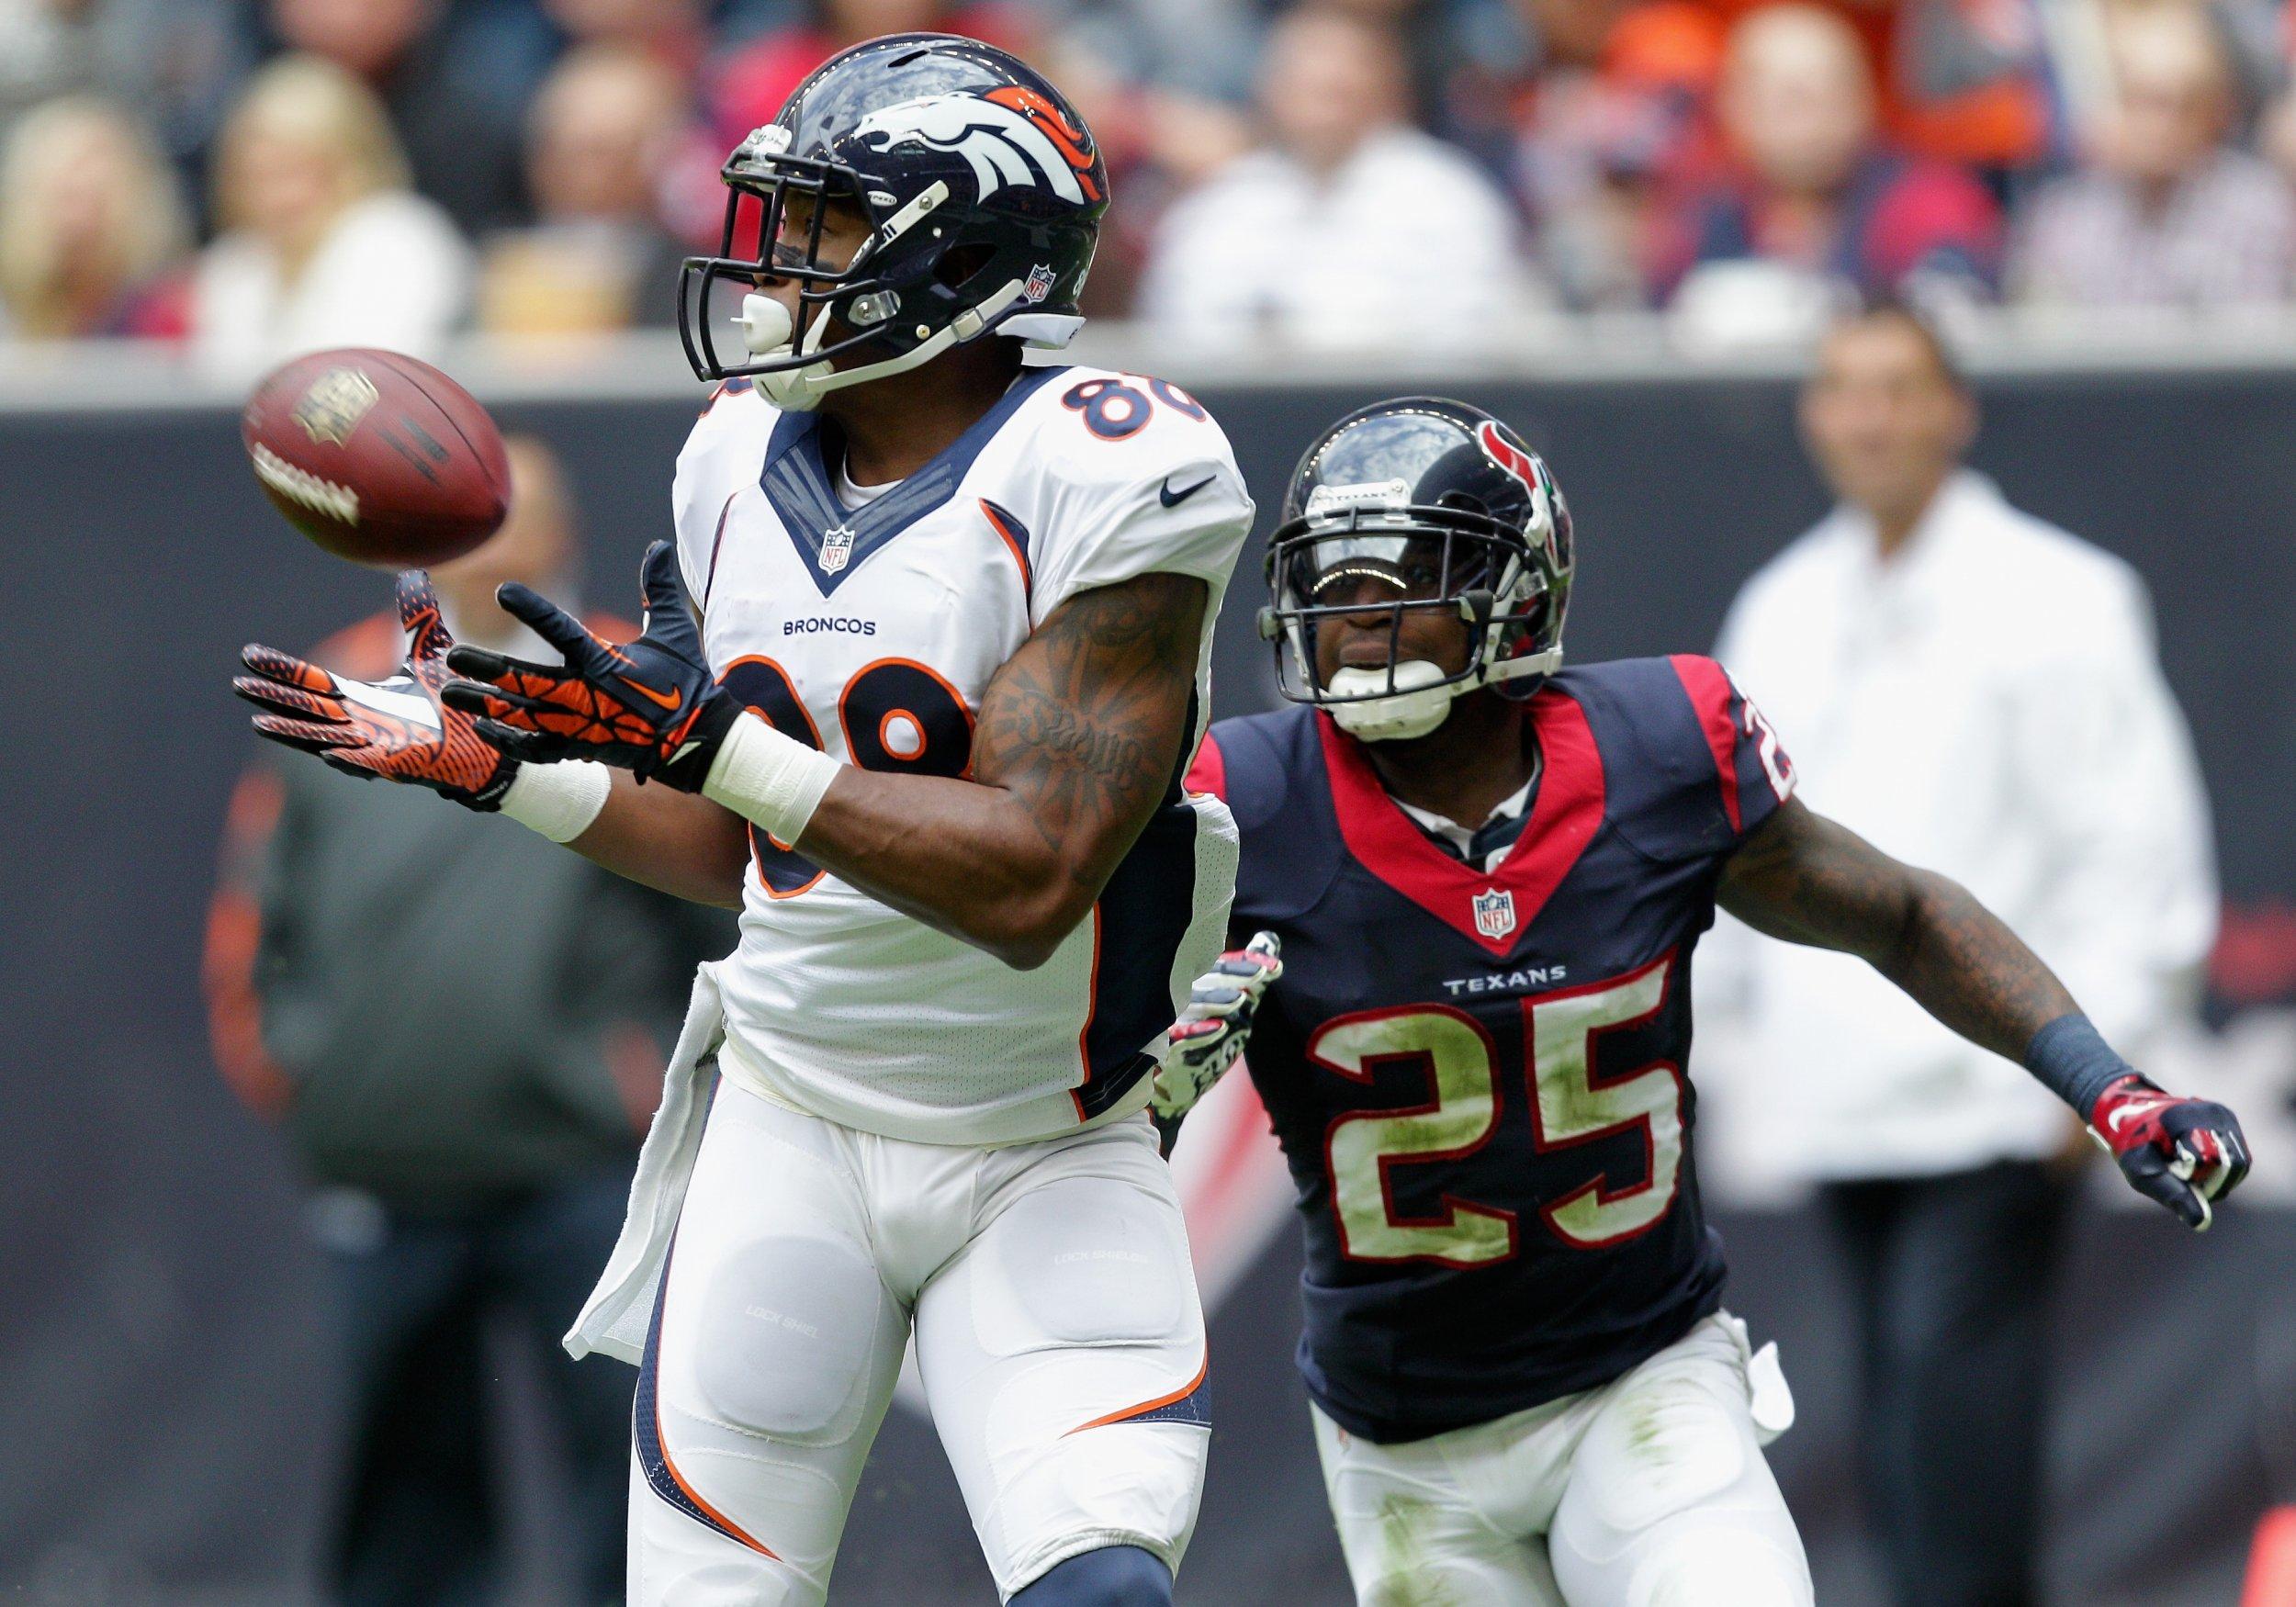 Google News - Denver Broncos receiver Demaryius Thomas traded - Overview d33393866